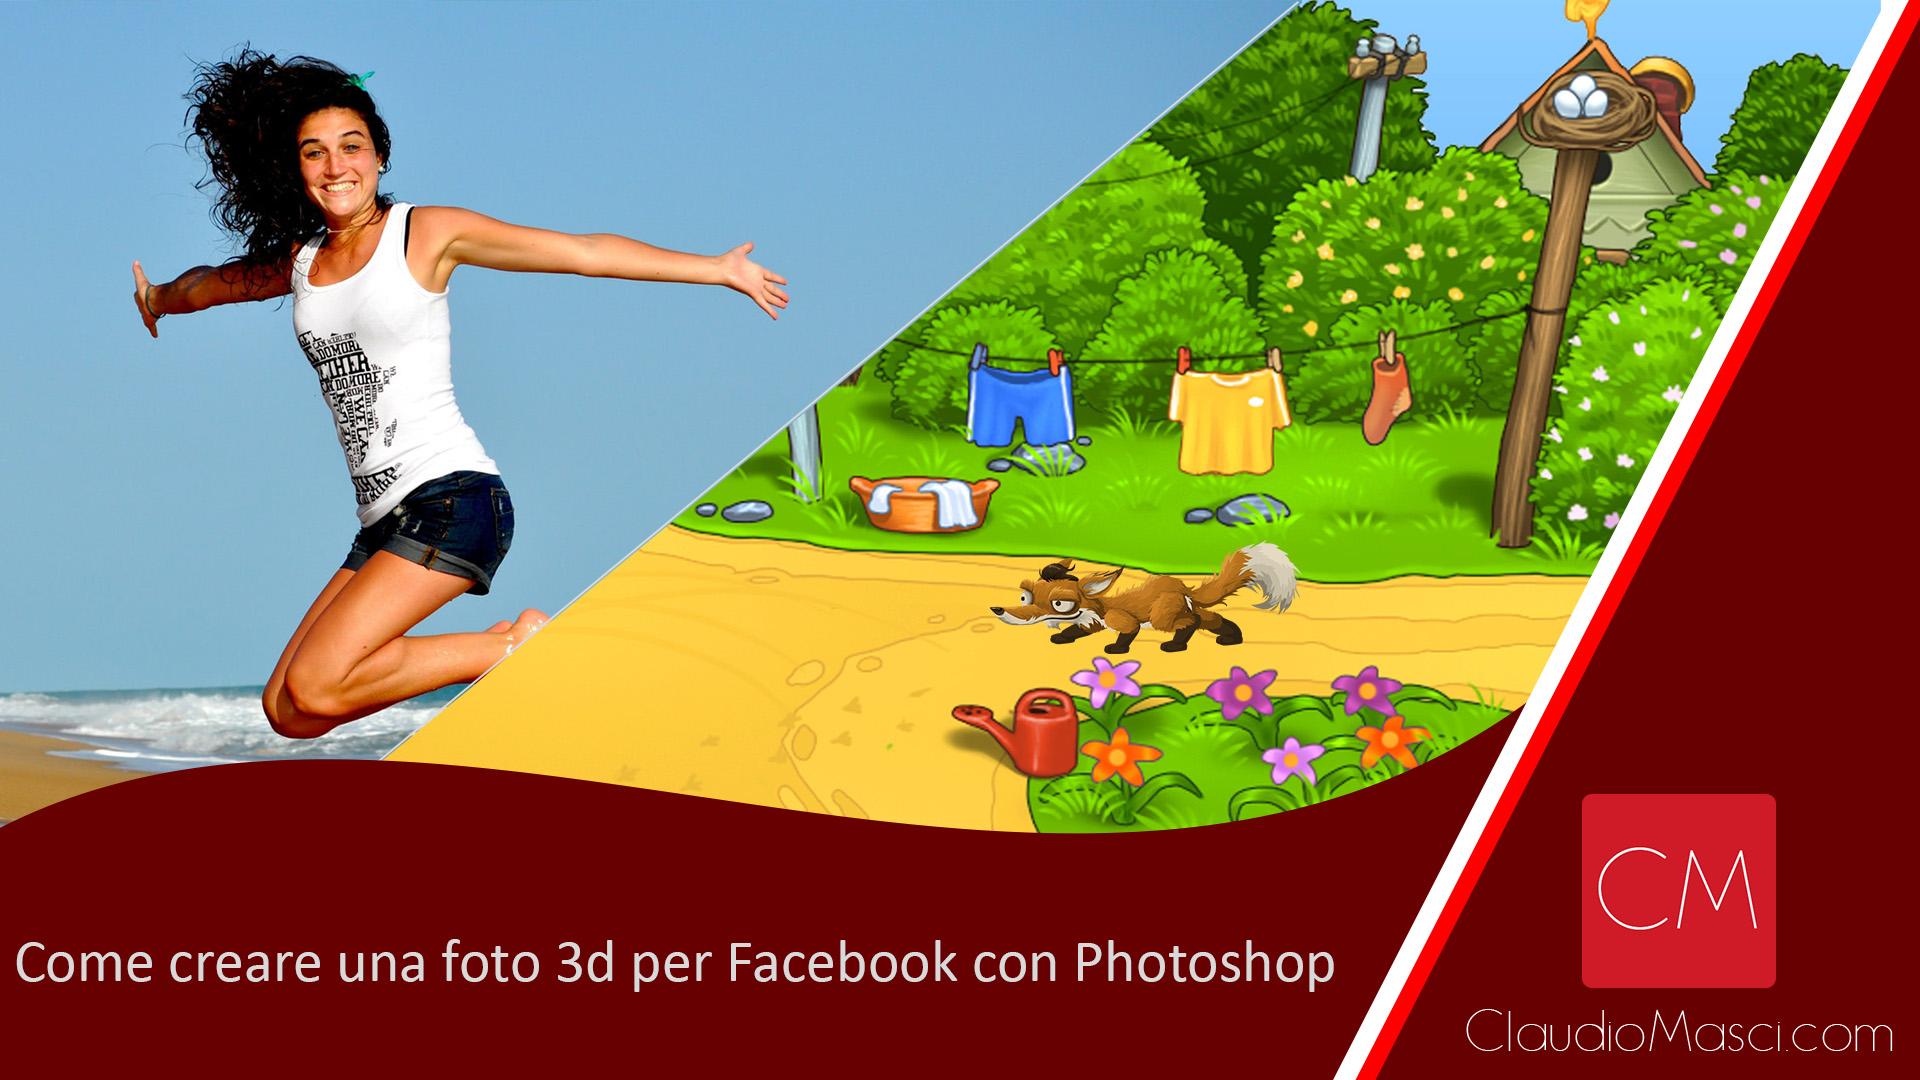 Come creare una foto 3d per Facebook con Photoshop